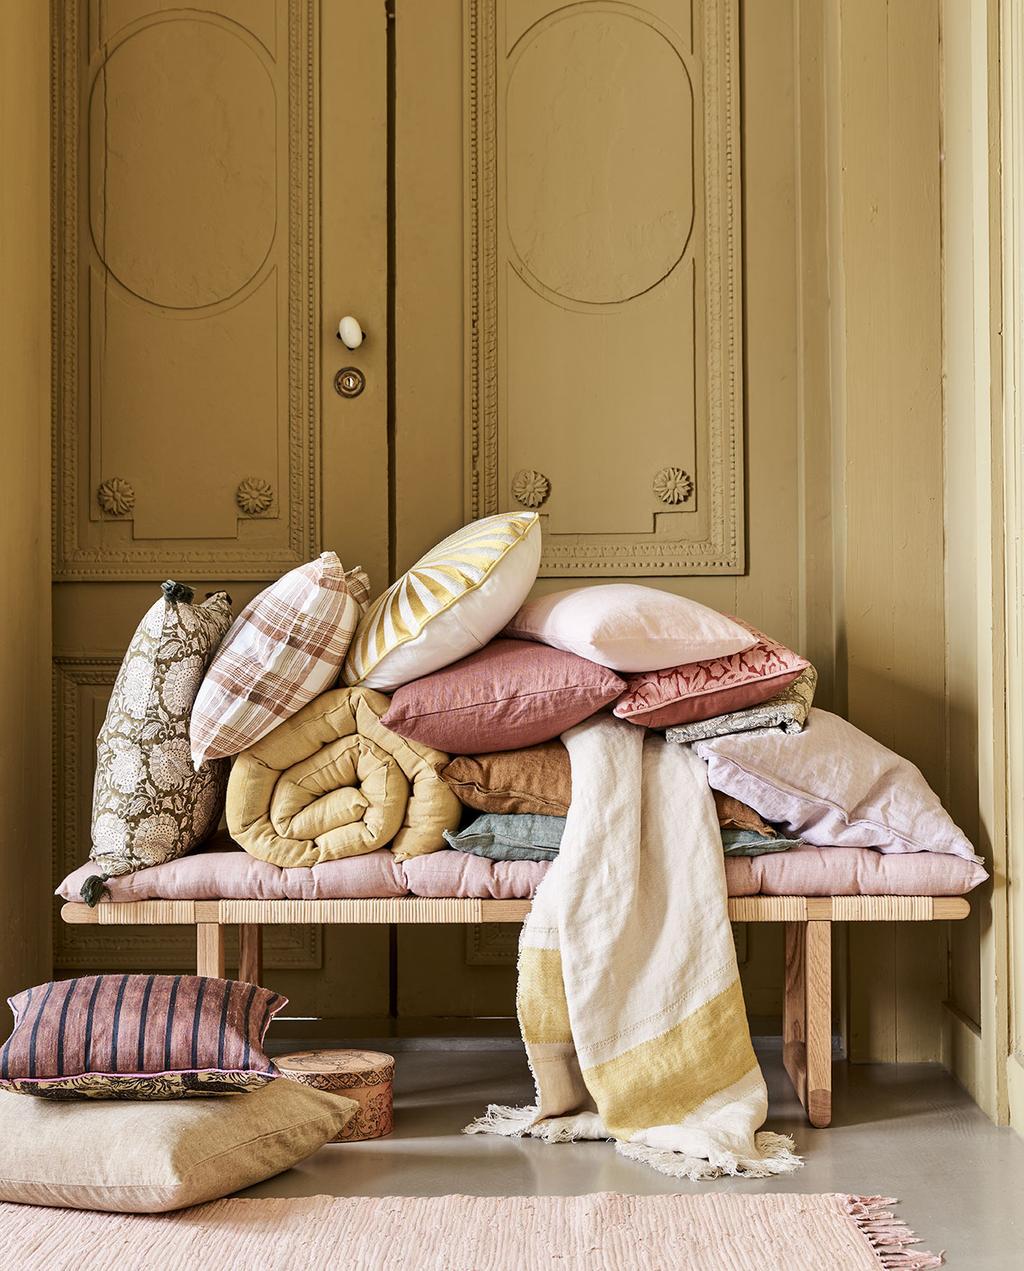 vtwonen 05-2021 | verschillende gekleurde kussens en dekens op een houten bank